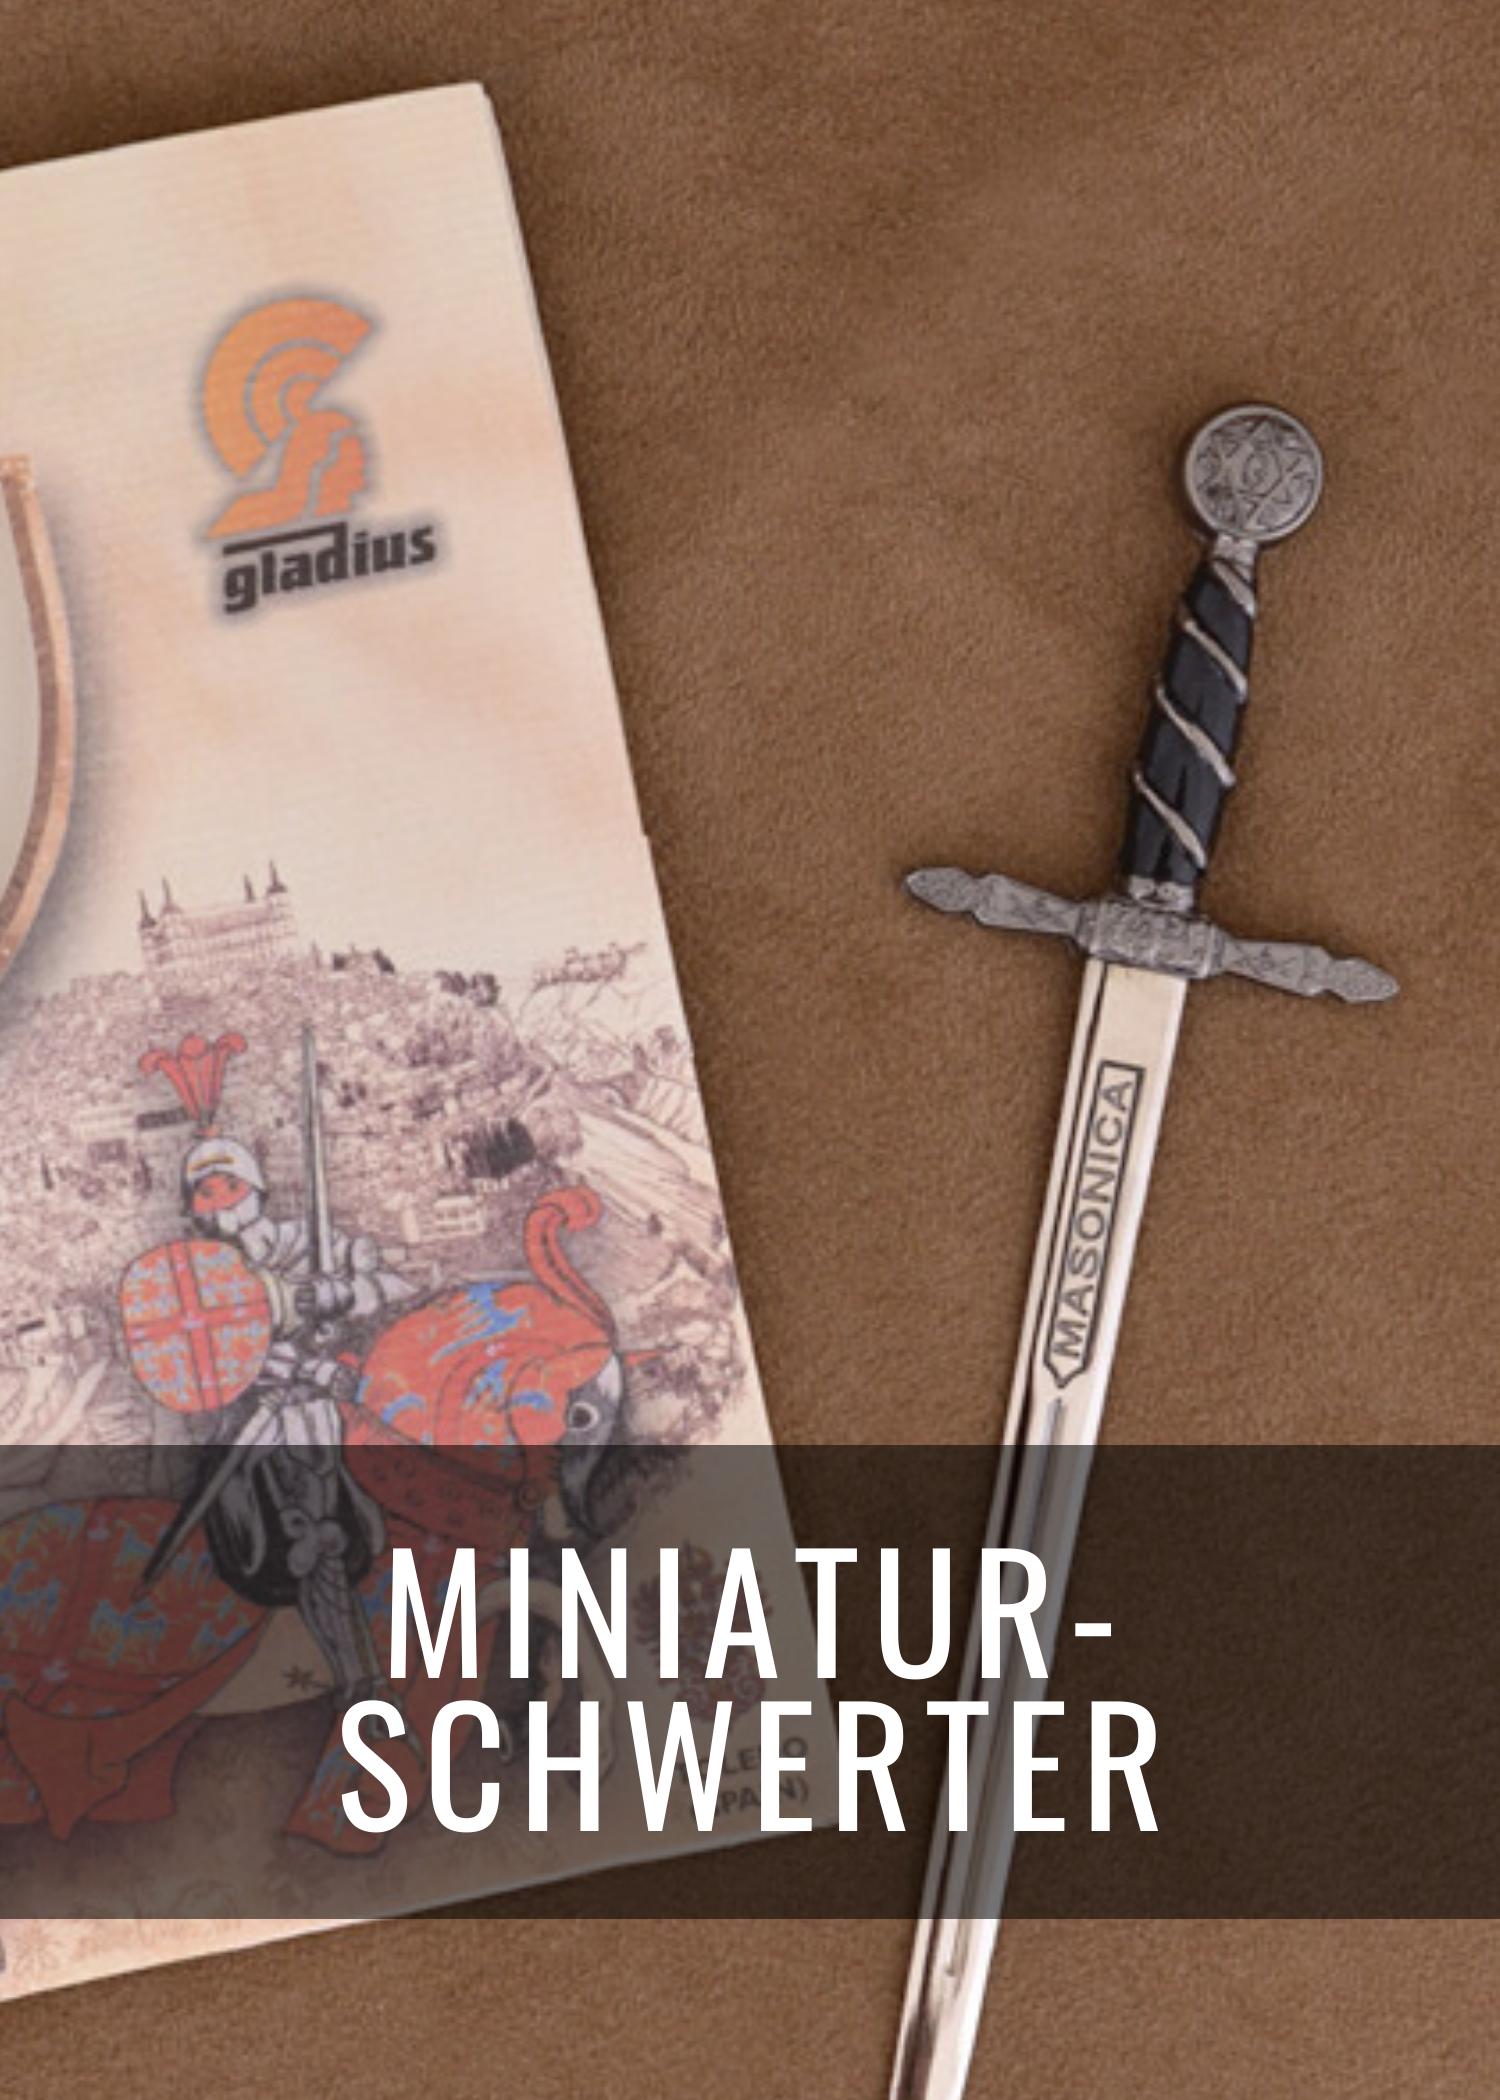 Diese Miniatur-Schwerter sind ihren historischen Vorbildern detailgetreu nachgebildet